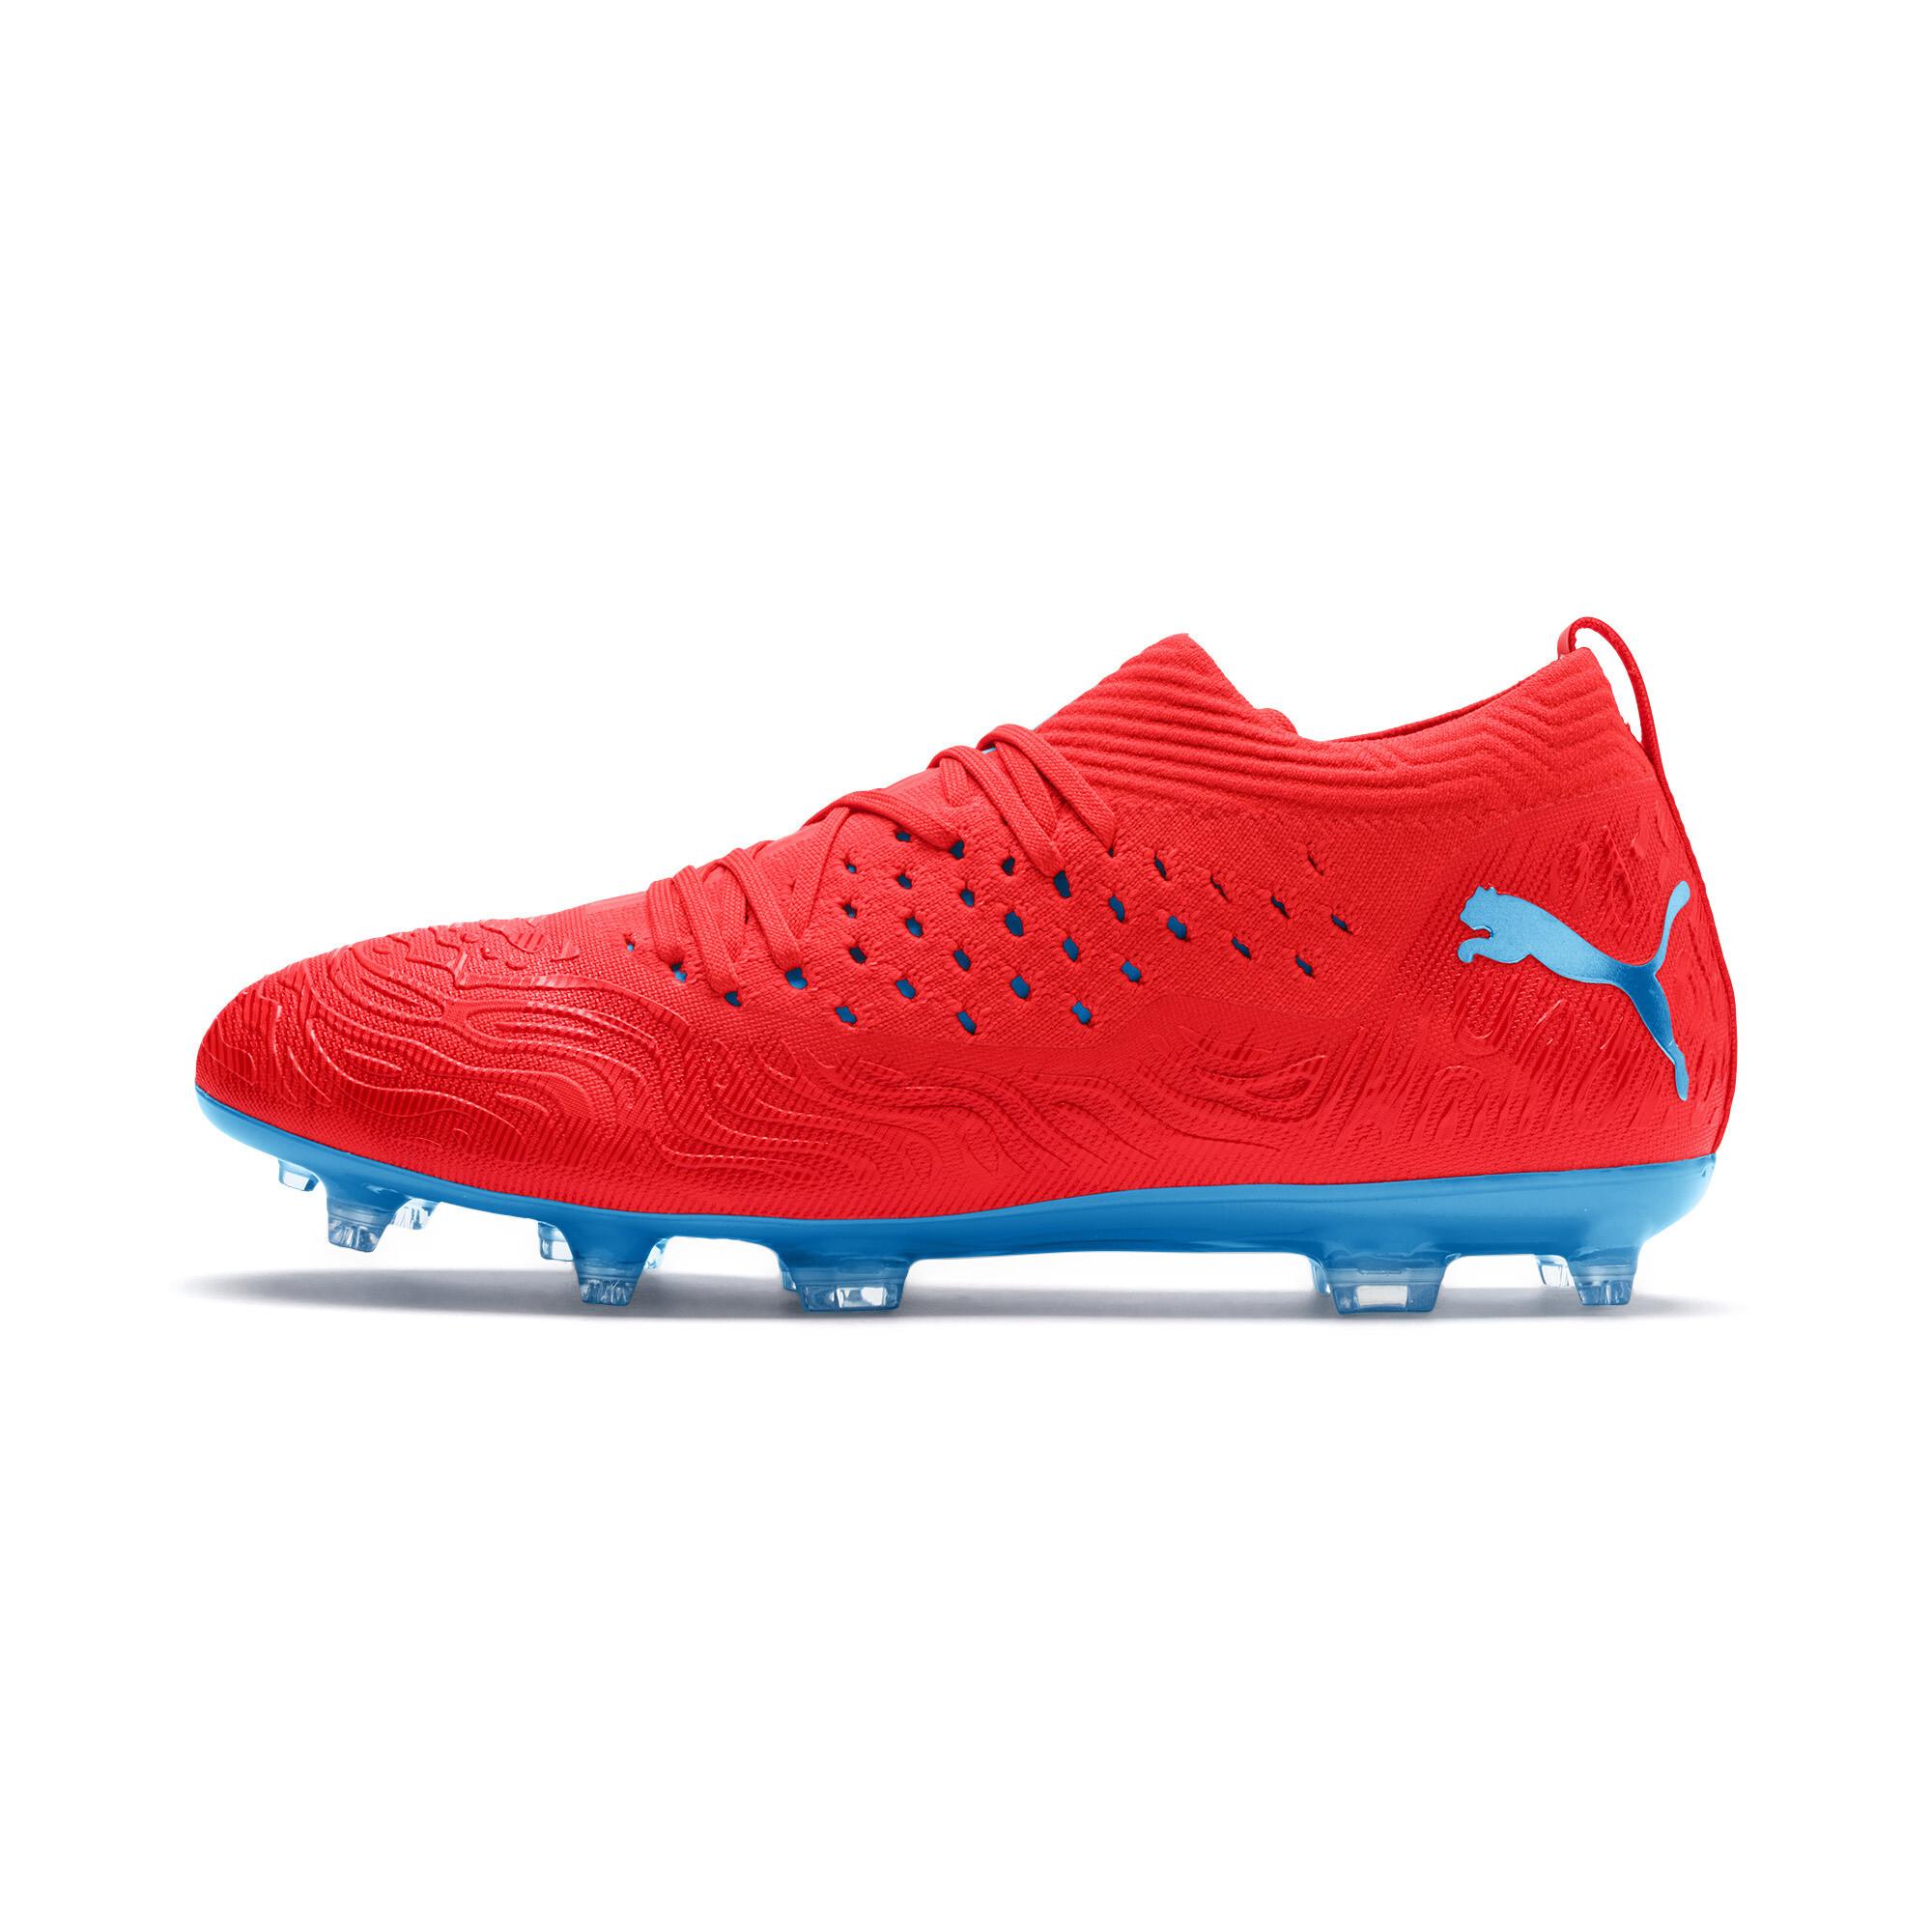 ac4b72a3de65 Football - Shoes - Mens